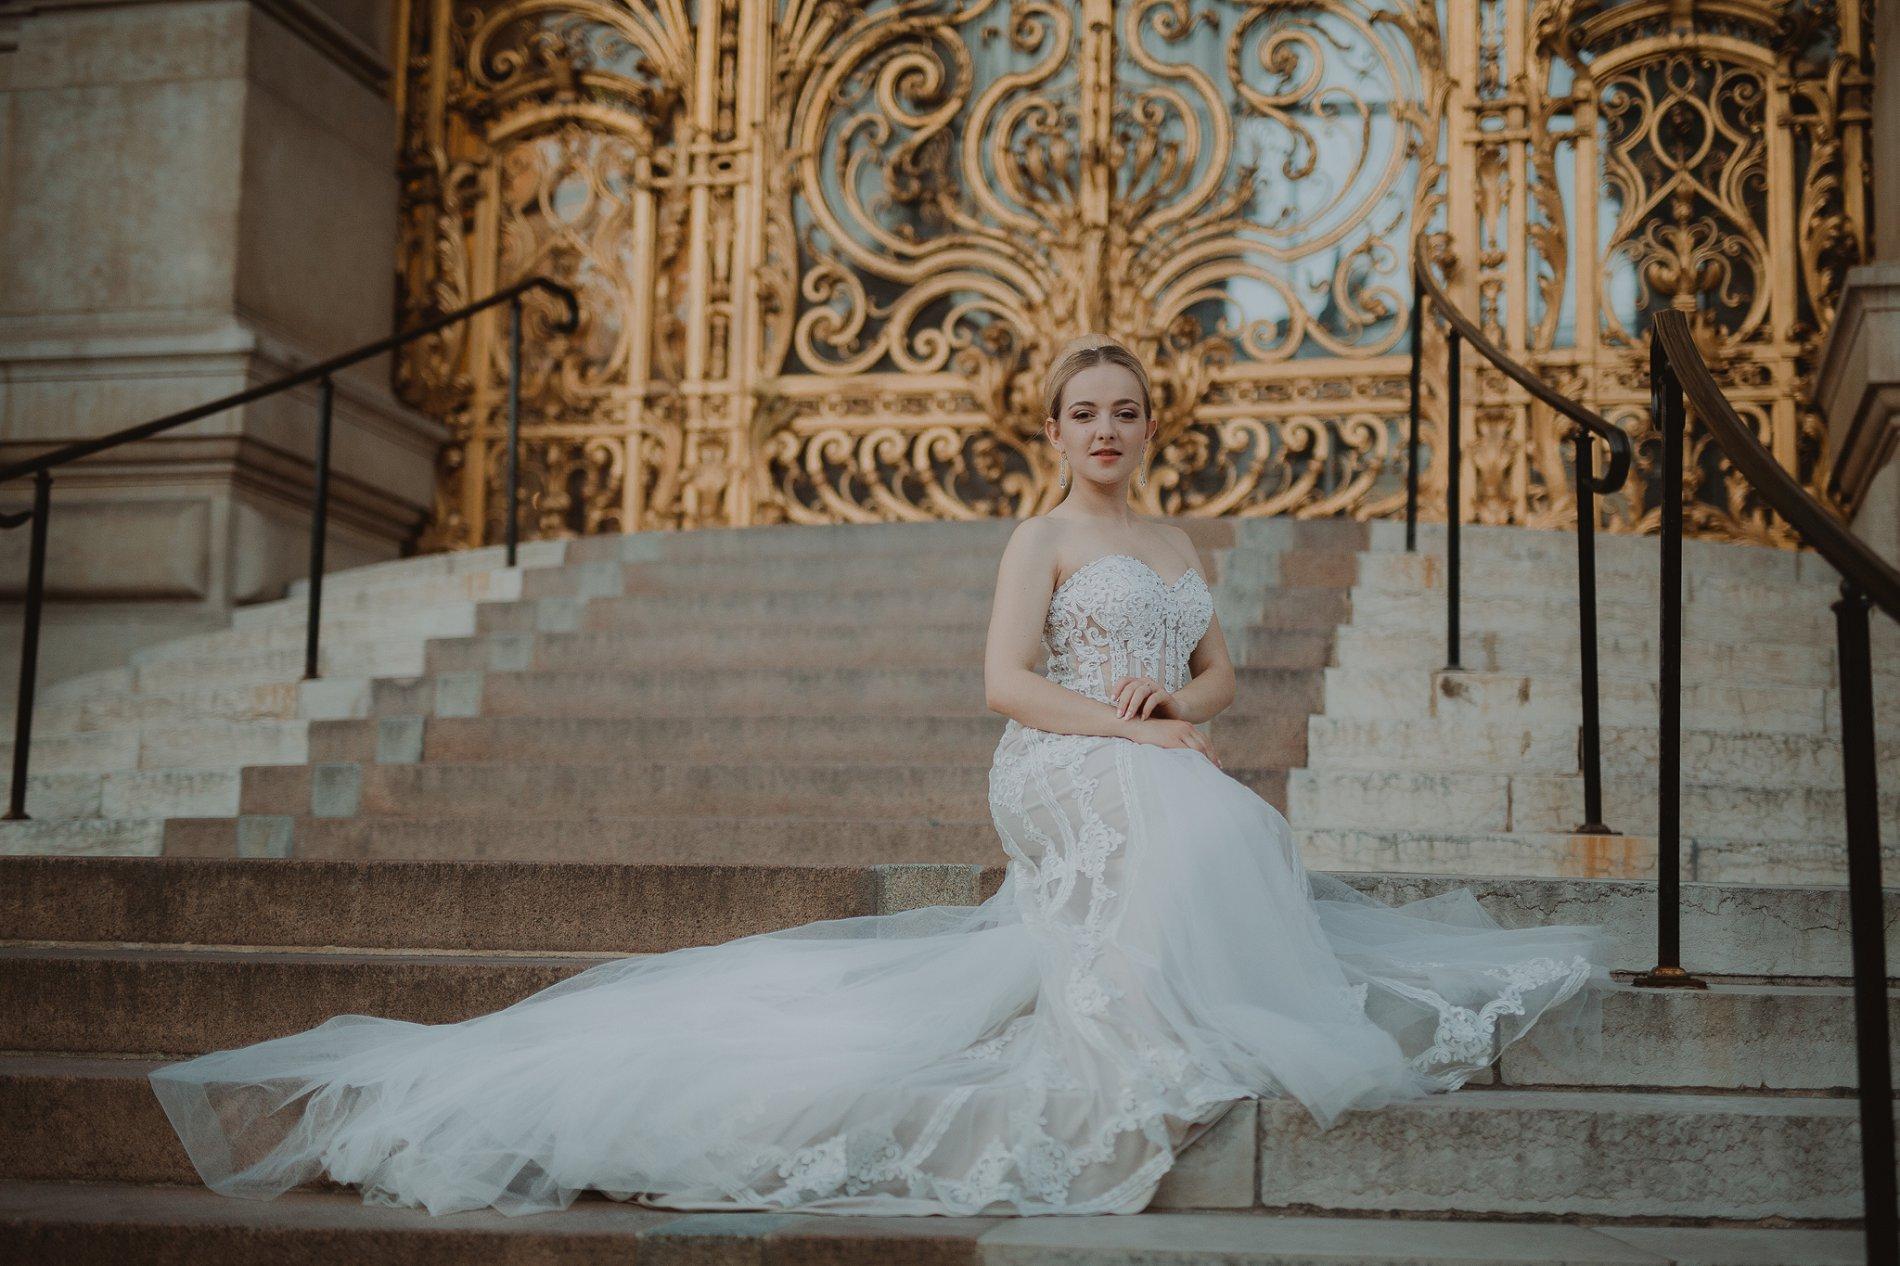 Miss He Bridal Romantic Paris Elopement (c) Xanthe Rowland Photography (45)